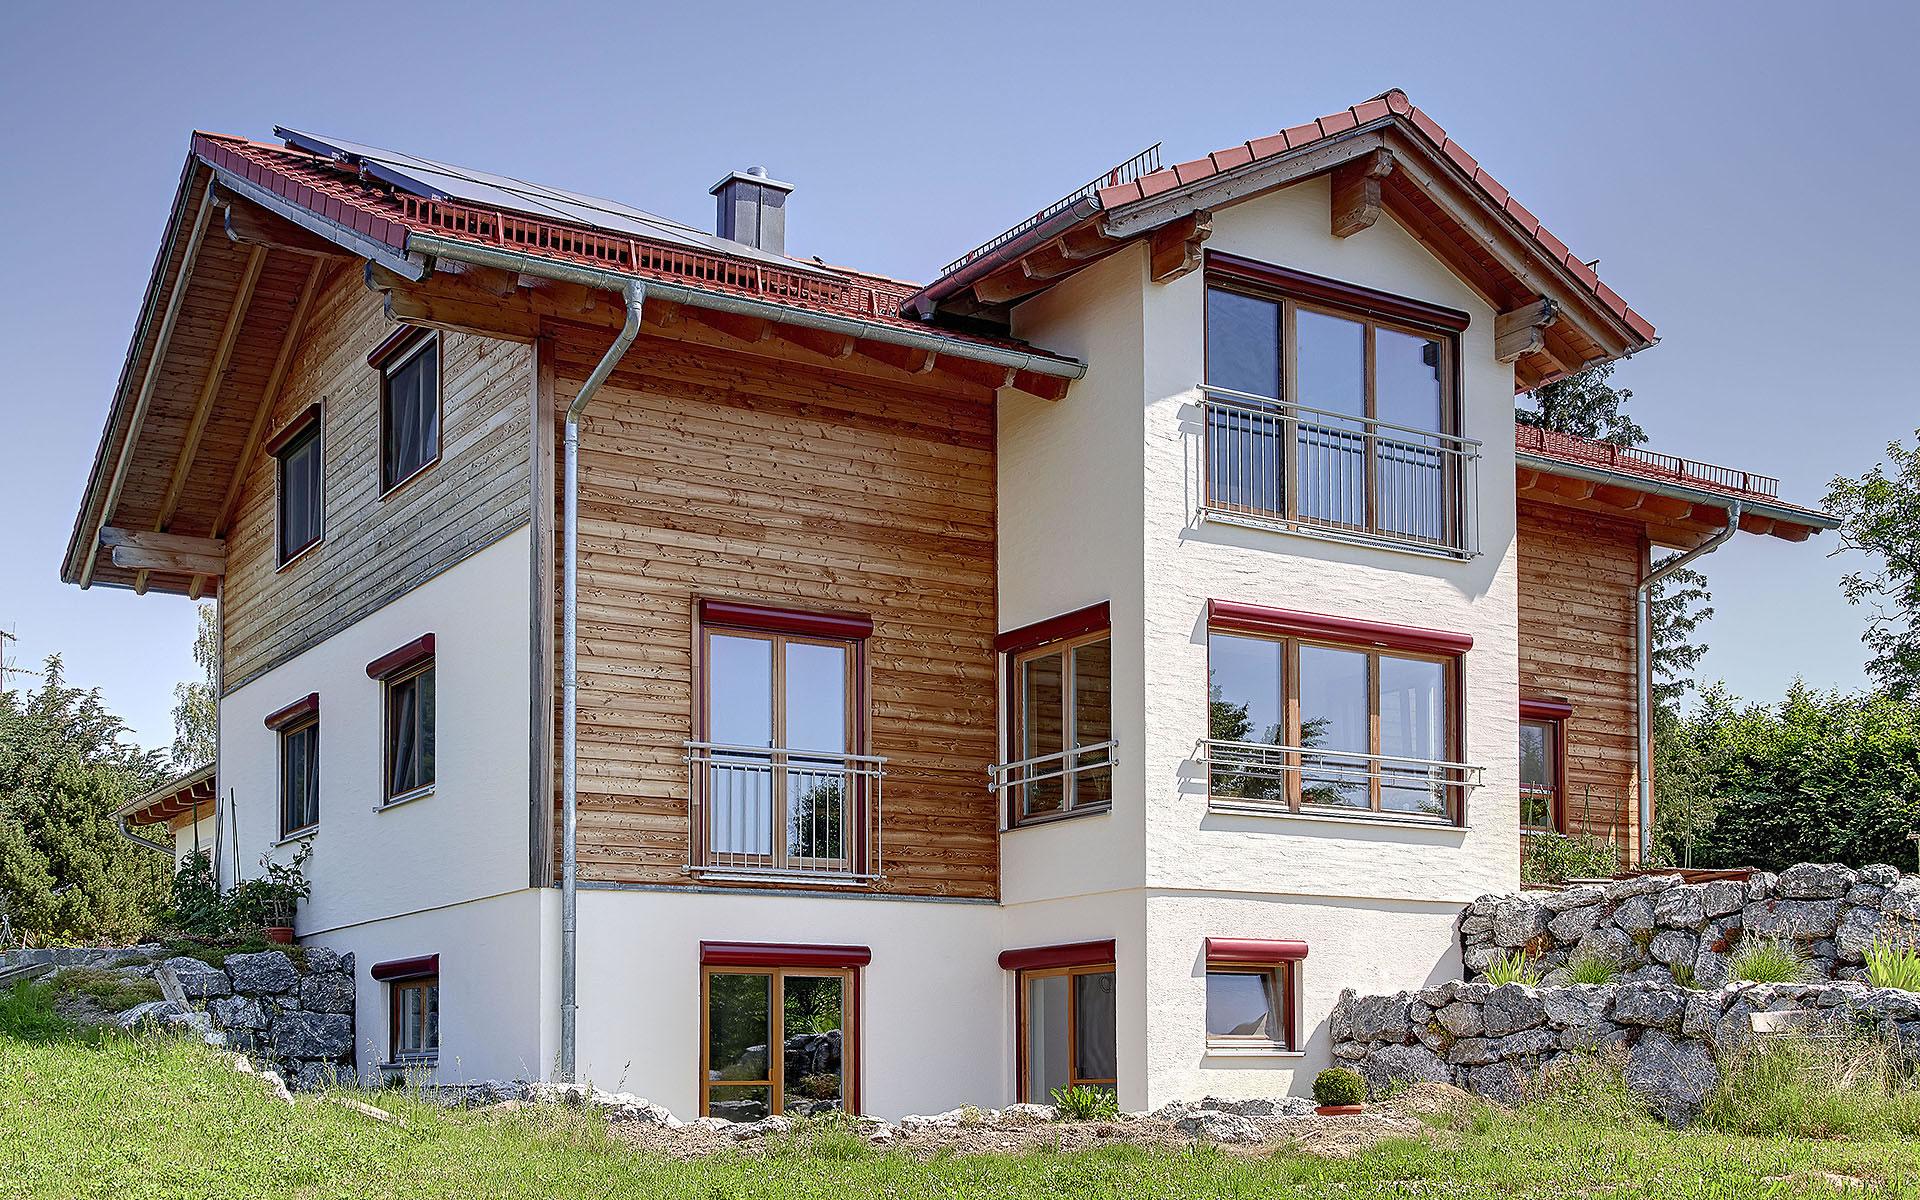 Mailinger von Sonnleitner Holzbauwerke GmbH & Co. KG